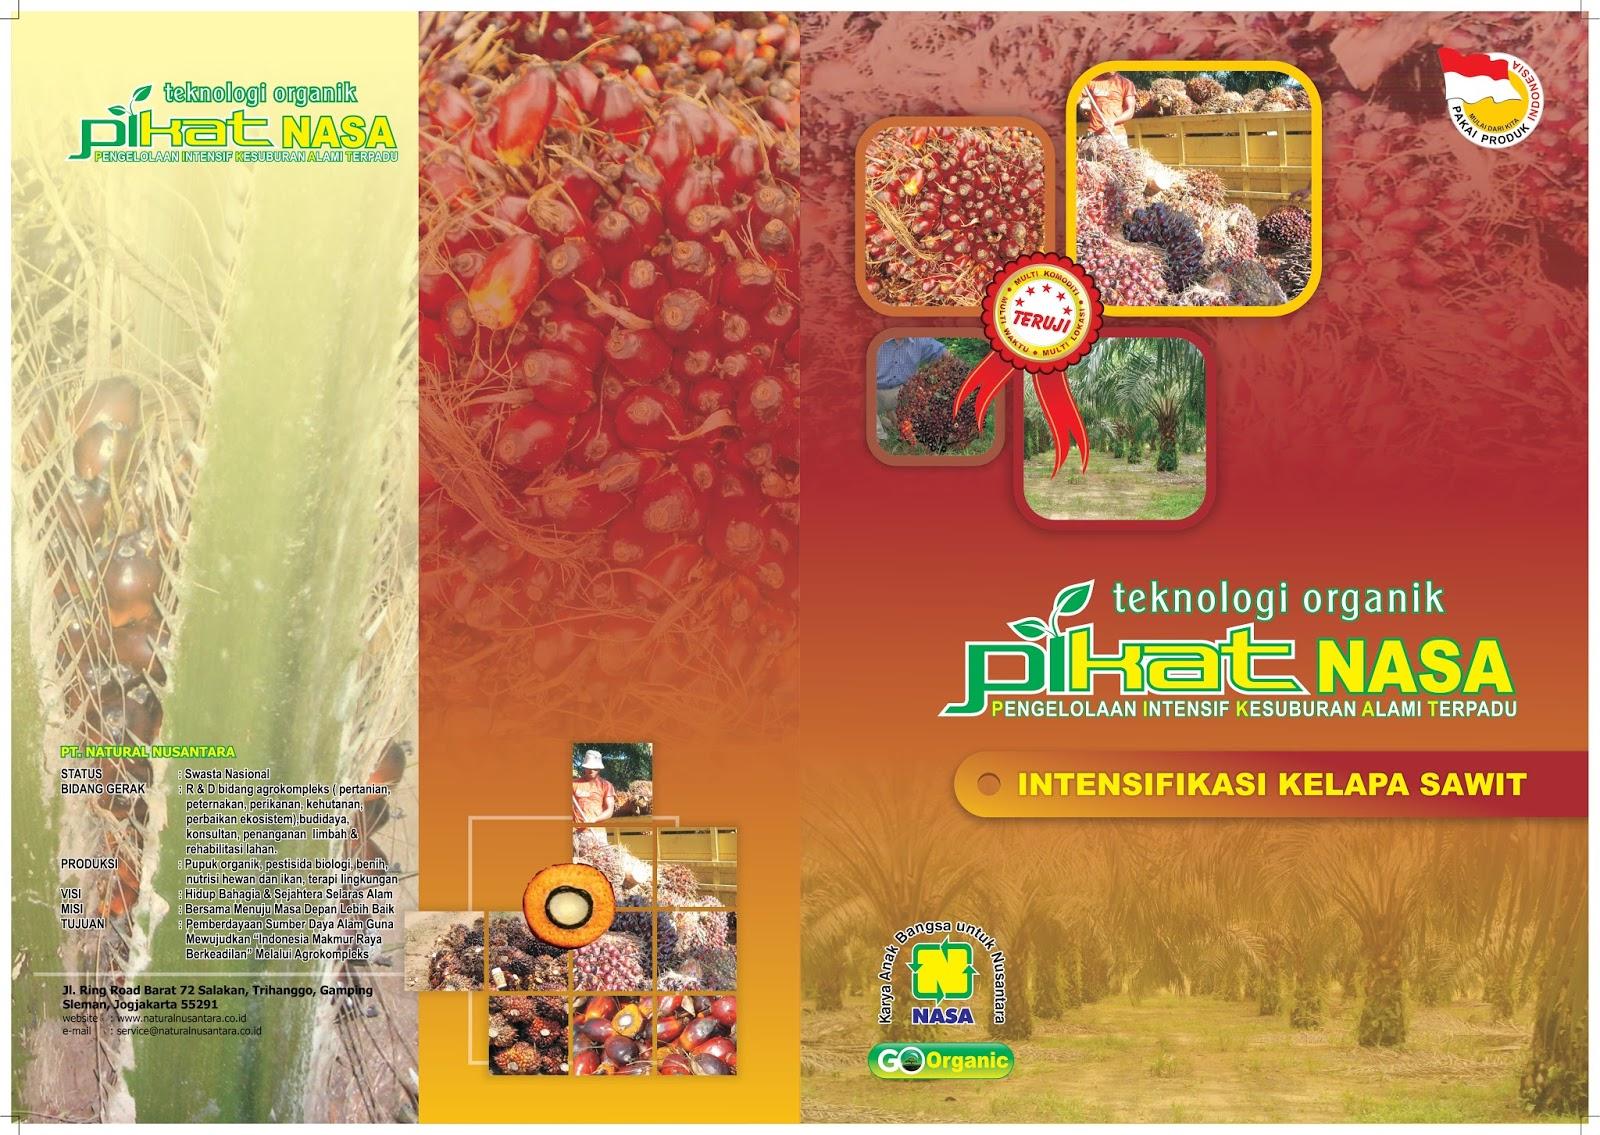 Pupuk Nasa Untuk Tanaman Kelapa Sawit Pikat Perkebunan Dalam Usaha Meningkatkan Produksi Ekstensifikasi Merupakan Salah Satu Metode Yang Sering Digunakan Akan Tetapi Prosesnya Memerlukan